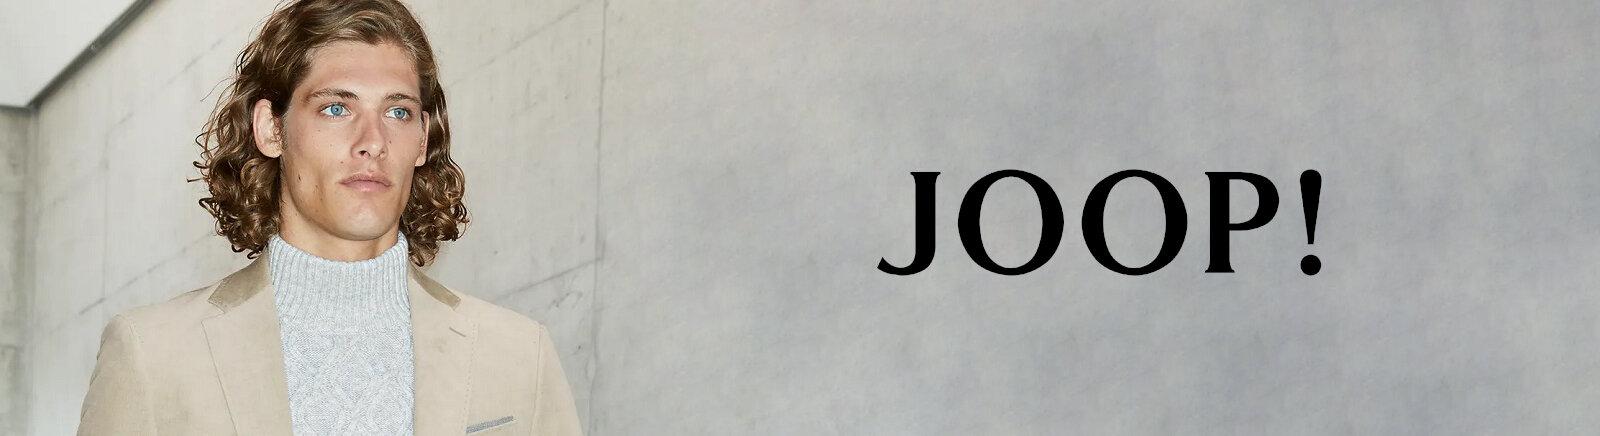 Juppen: Joop Herrenschuhe online shoppen